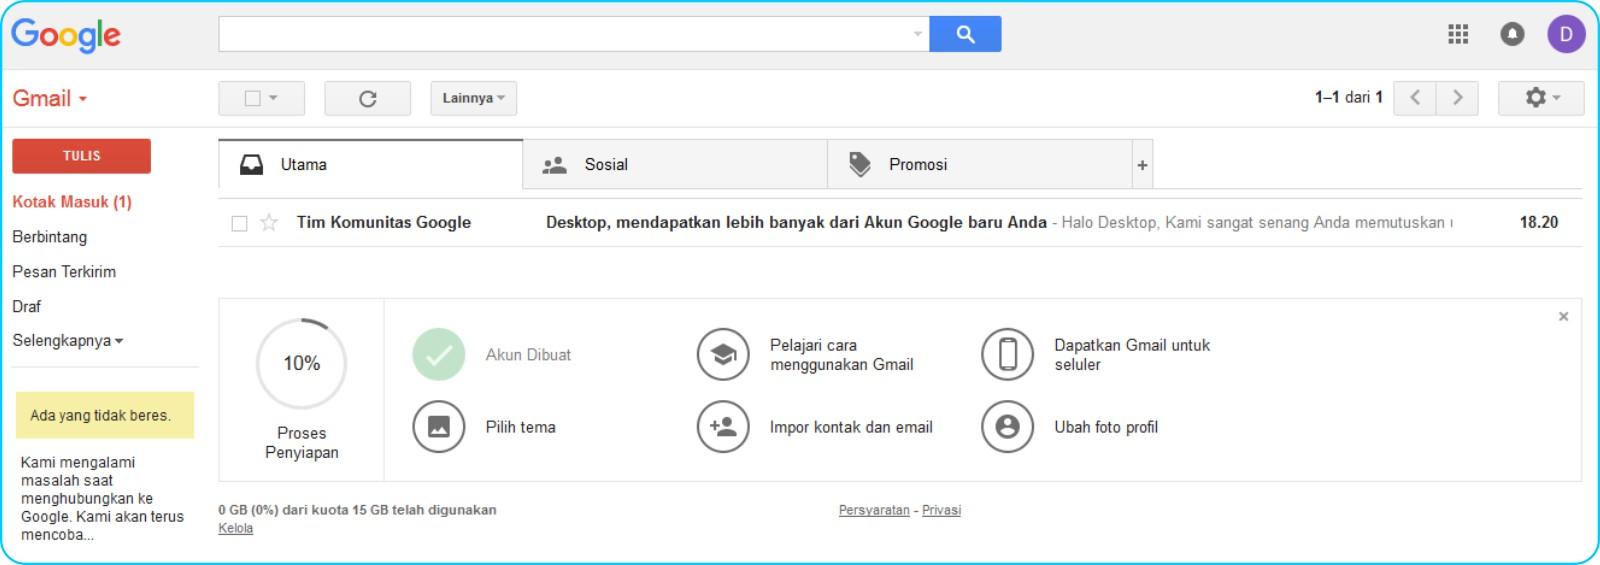 Cara Membuat Akun GMail - Halaman Muka Inbox GMail